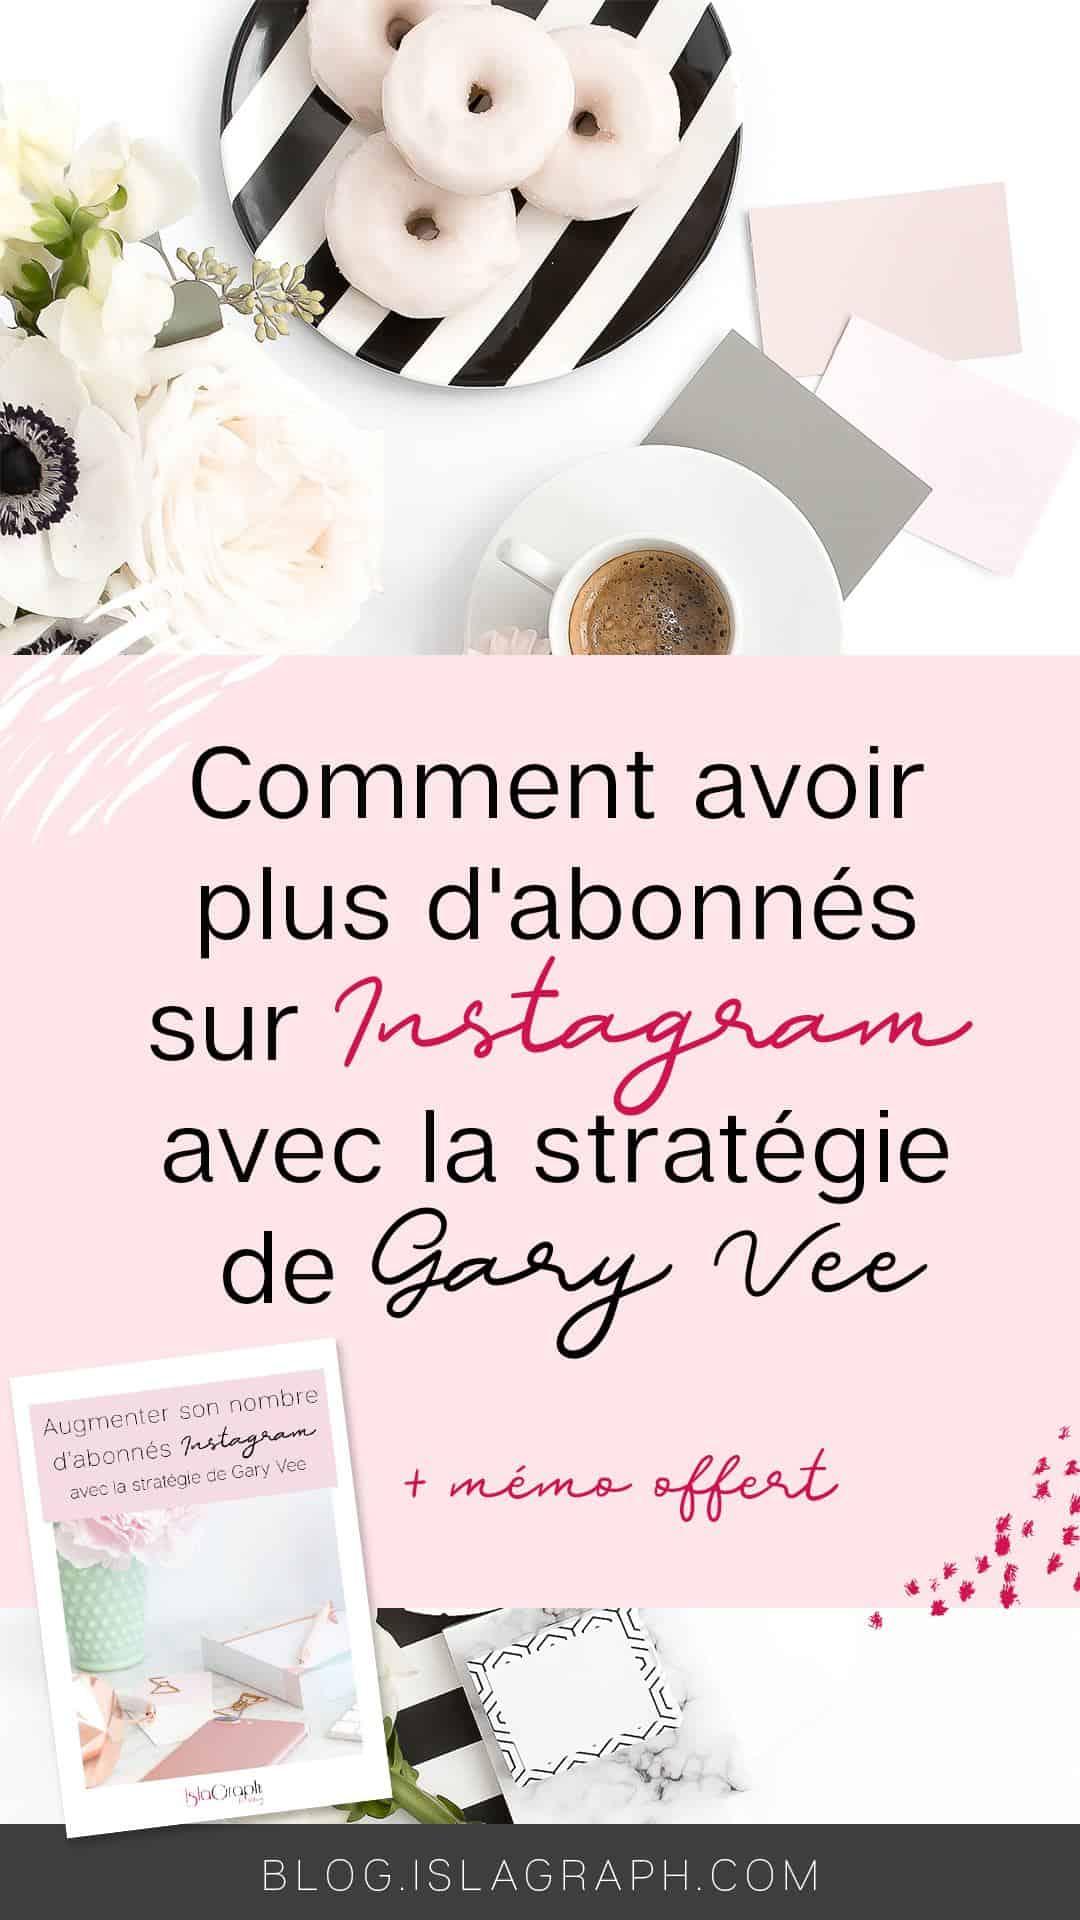 La stratégie dont je vais te parler aujourd'hui, est la stratégie que recommande Gary Vee pour augmenter son nombre d'abonné sur Instagram tout en se créant une communauté. Car oui, il est normal de vouloir grossir son compte, mais pas n'importe comment et surtout pas avec des mauvaises techniques. #instagramtips #instagram #followersinstagram